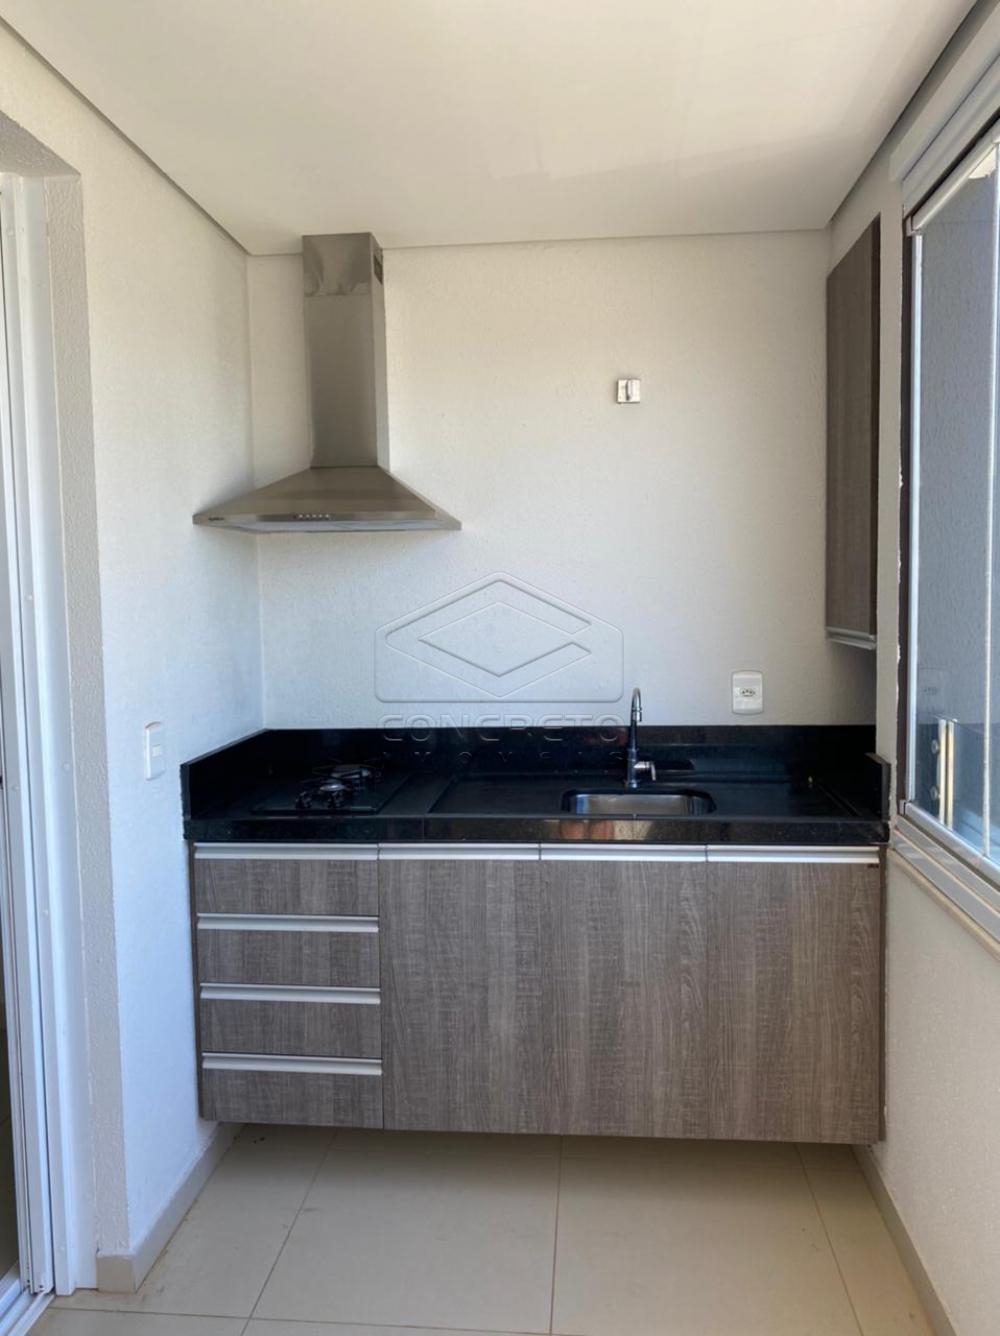 Comprar Apartamento / Padrão em Bauru R$ 580.000,00 - Foto 10